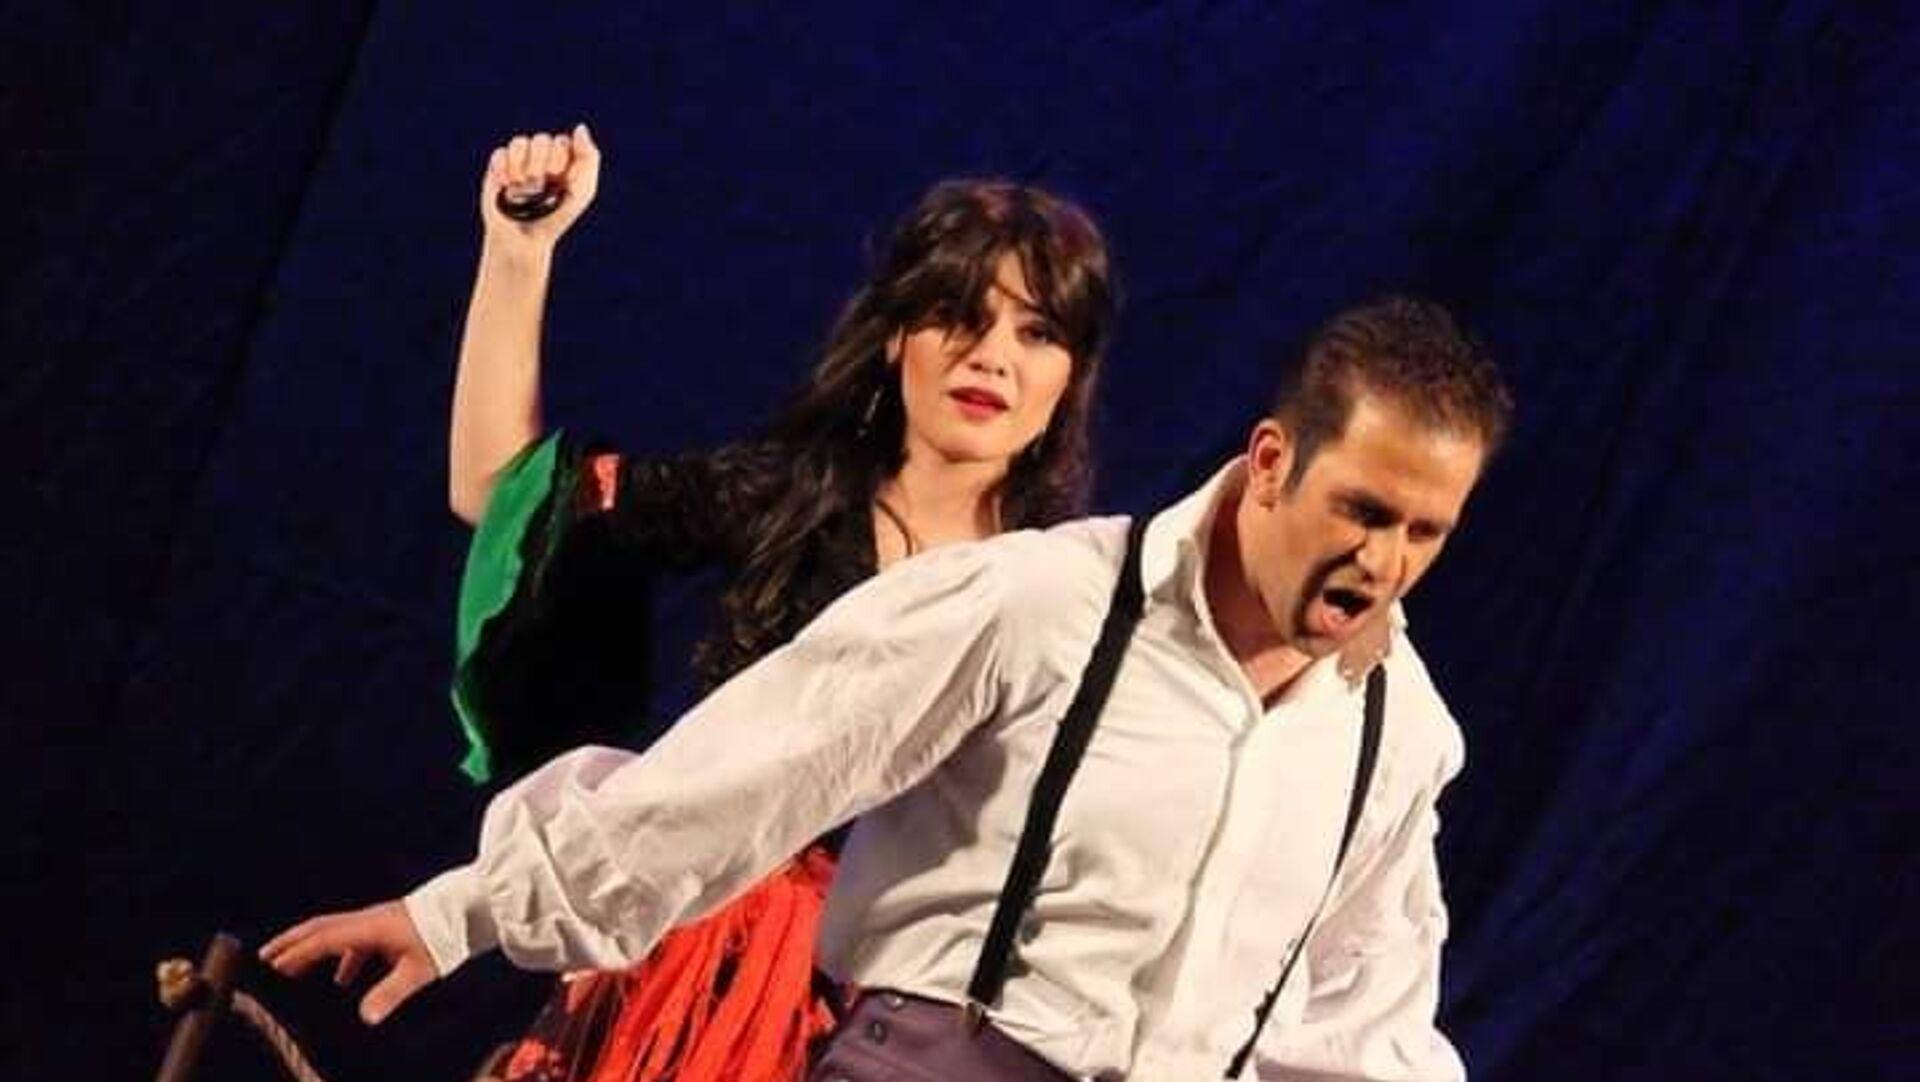 Джаба Гегешидзе на оперной сцене Праги - Sputnik Грузия, 1920, 09.09.2021